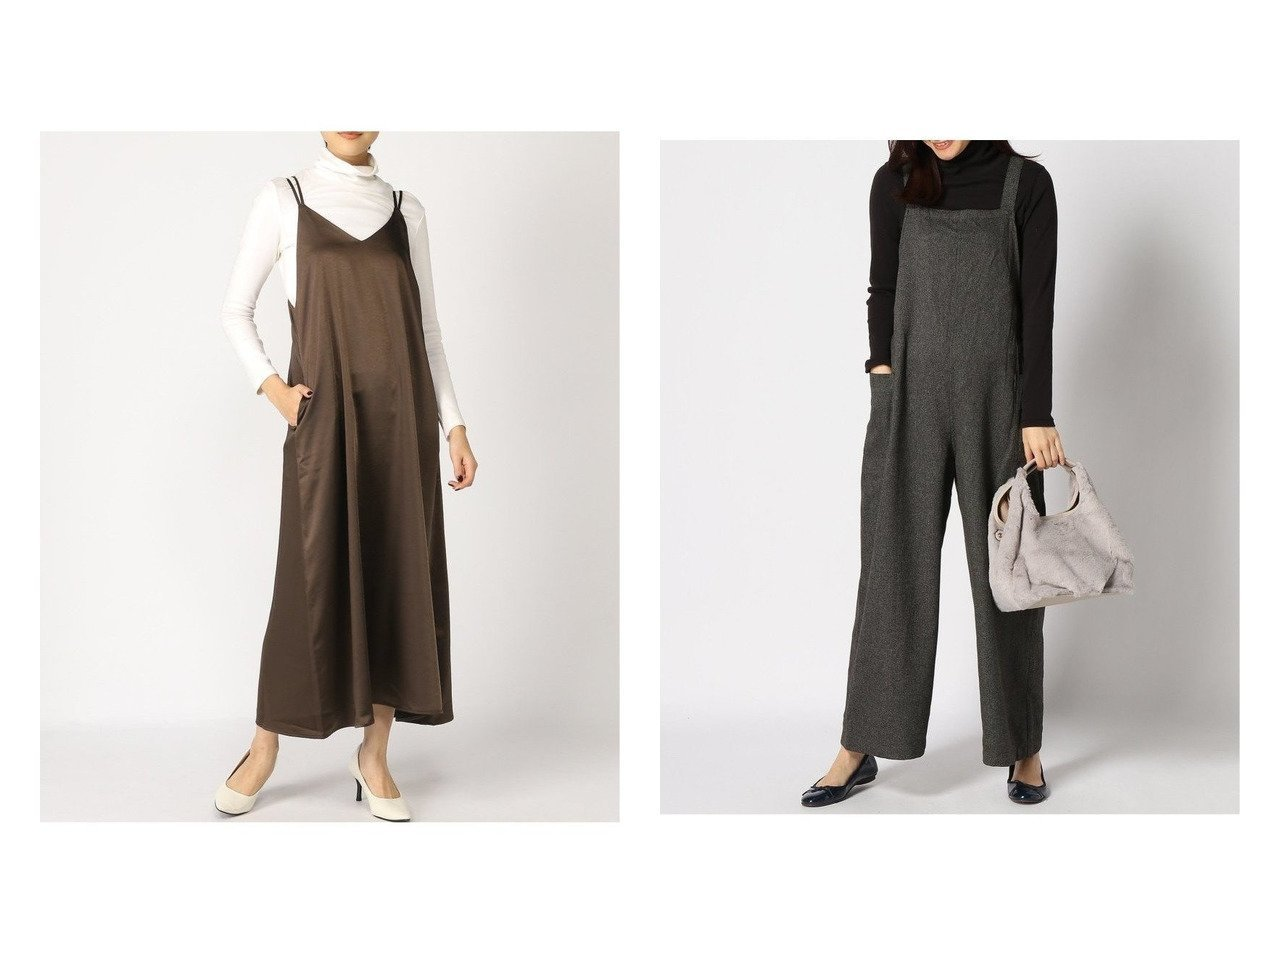 【studio CLIP/スタディオ クリップ】のツィードシンプルサロペット&【GLOBAL WORK/グローバルワーク】のVintageサテンOP+D ワンピース・ドレスのおすすめ!人気、レディースファッションの通販 おすすめで人気のファッション通販商品 インテリア・家具・キッズファッション・メンズファッション・レディースファッション・服の通販 founy(ファニー) https://founy.com/ ファッション Fashion レディース WOMEN ワンピース Dress キャミワンピース No Sleeve Dresses オールインワン ワンピース All In One Dress サロペット Salopette キャミワンピース サテン ジャケット ストレッチ カットソー サロペット シンプル ジーンズ ツイード ポケット 秋冬 A/W Autumn/ Winter  ID:crp329100000001364